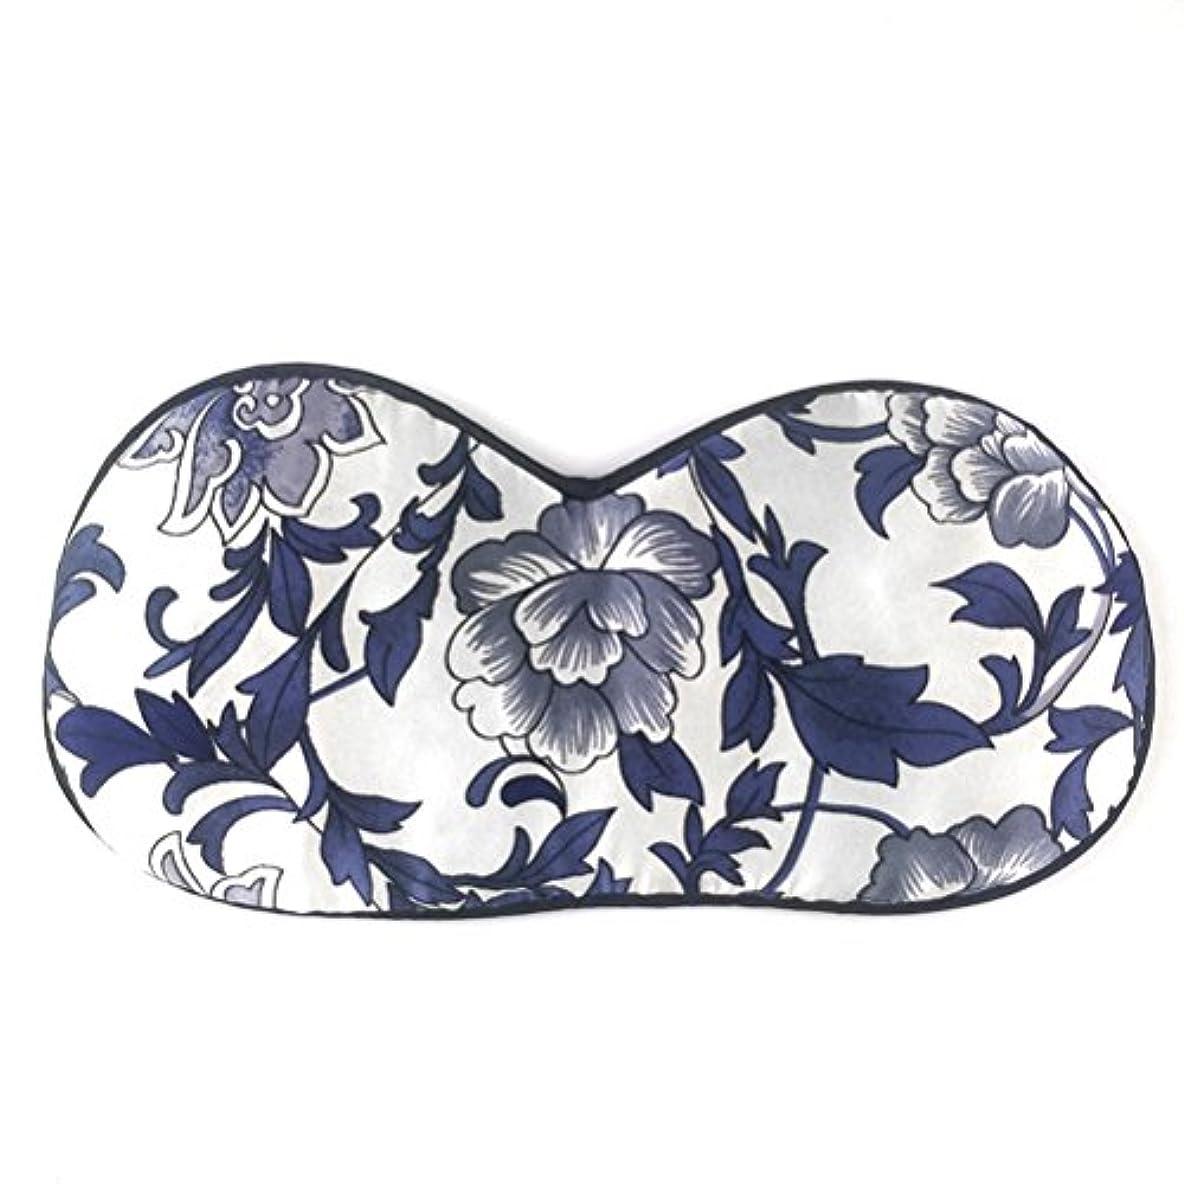 注目すべきの面では光のULTNICE シルク睡眠の目のマスク目隠しのアイシャドウ女性のための睡眠の昼寝の瞑想(青と白の磁器)